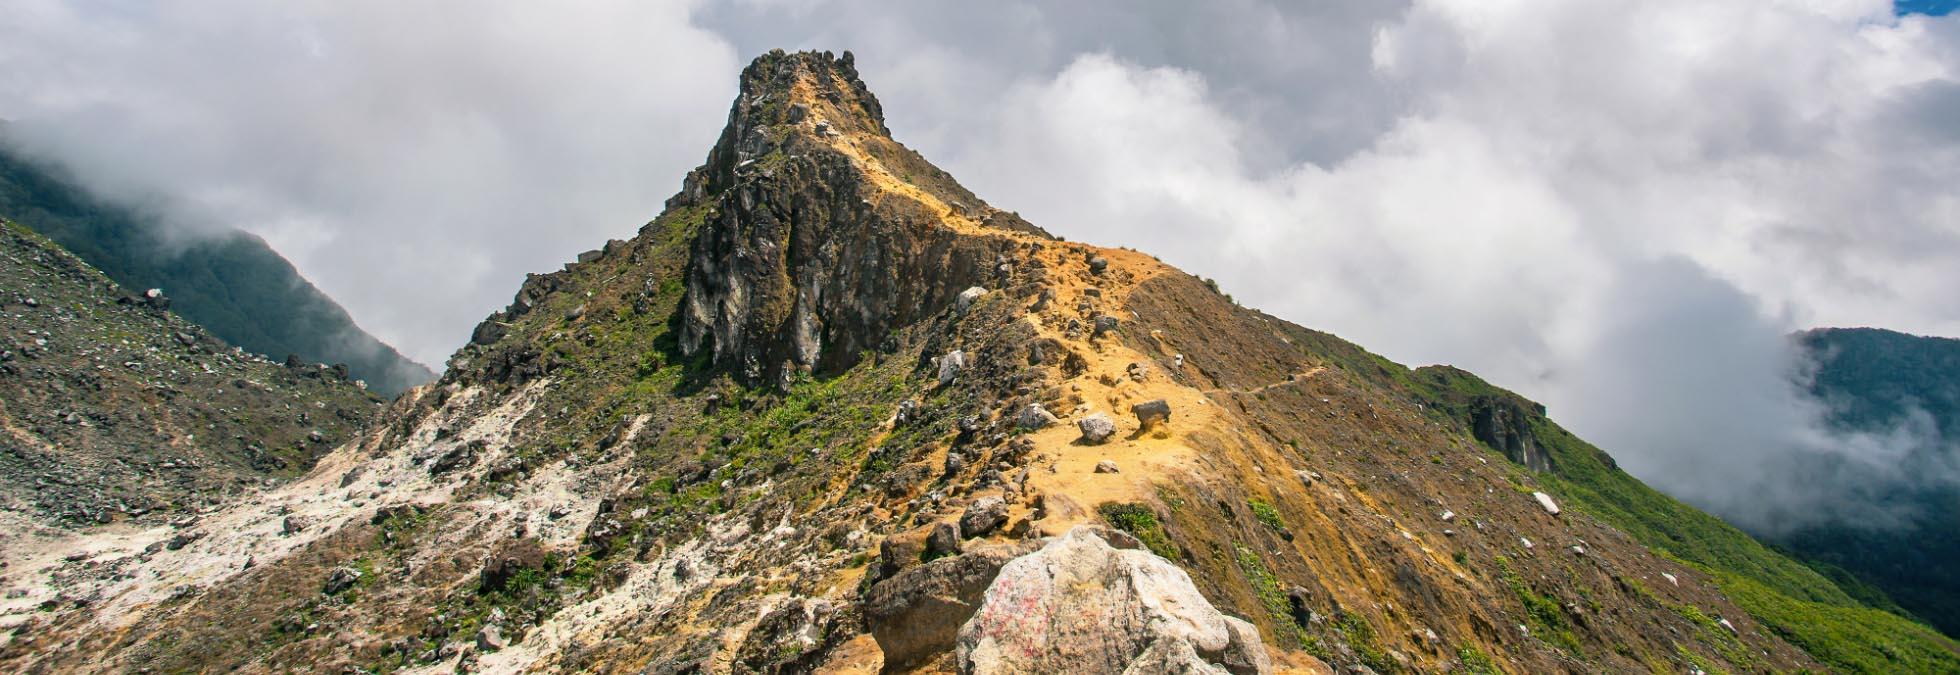 Monte Berastagi